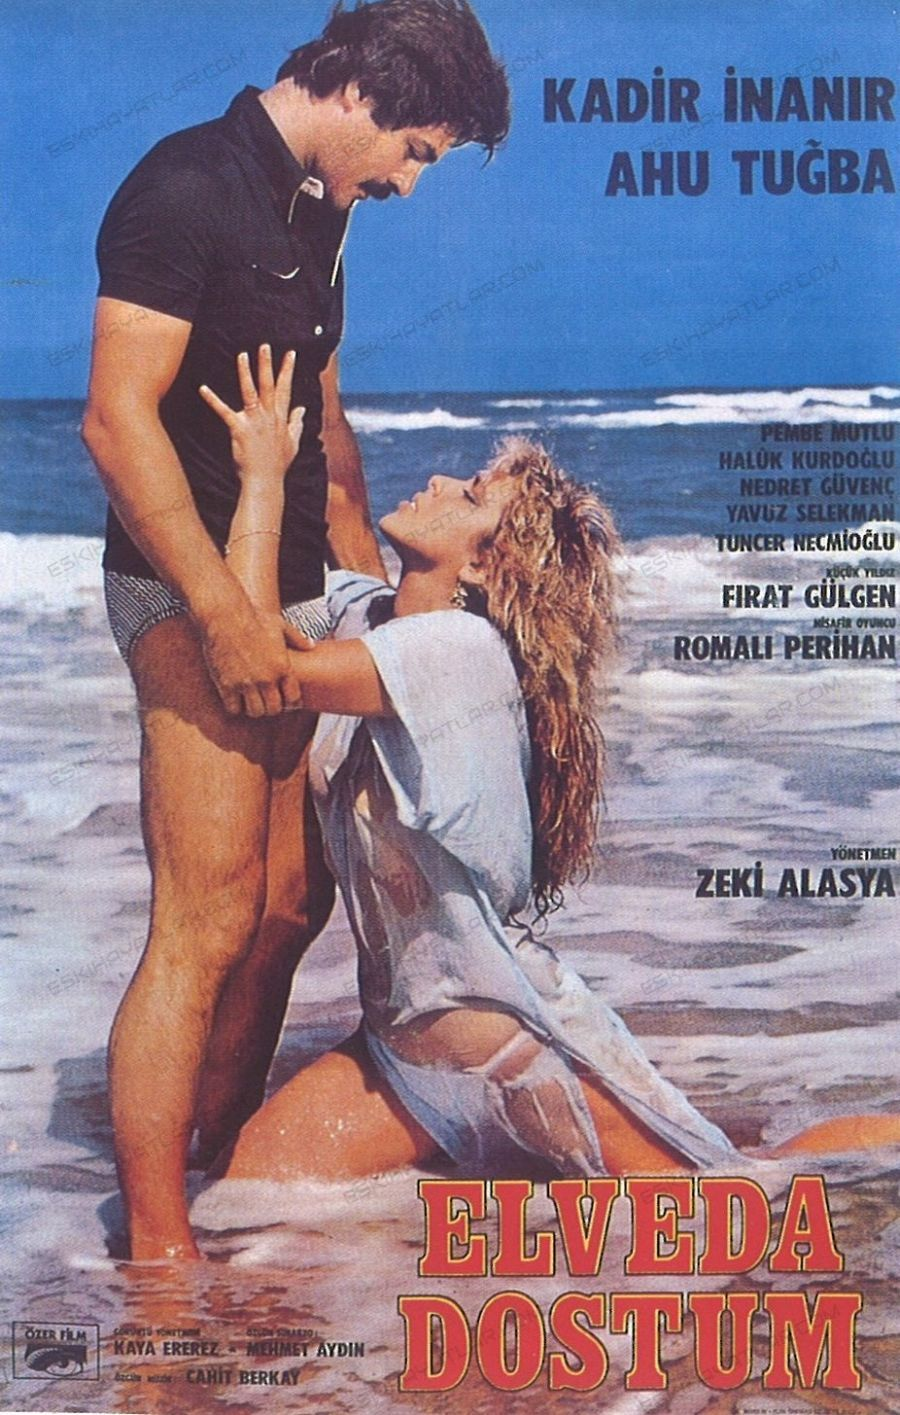 0120-kadir-inanir-1982-filmleri-elveda-dostum-ahu-tugba-pembe-mutlu-haluk-kurdoglu-zeki-alasya-kaya-ererez-cahit-berkay-film-muzikleri